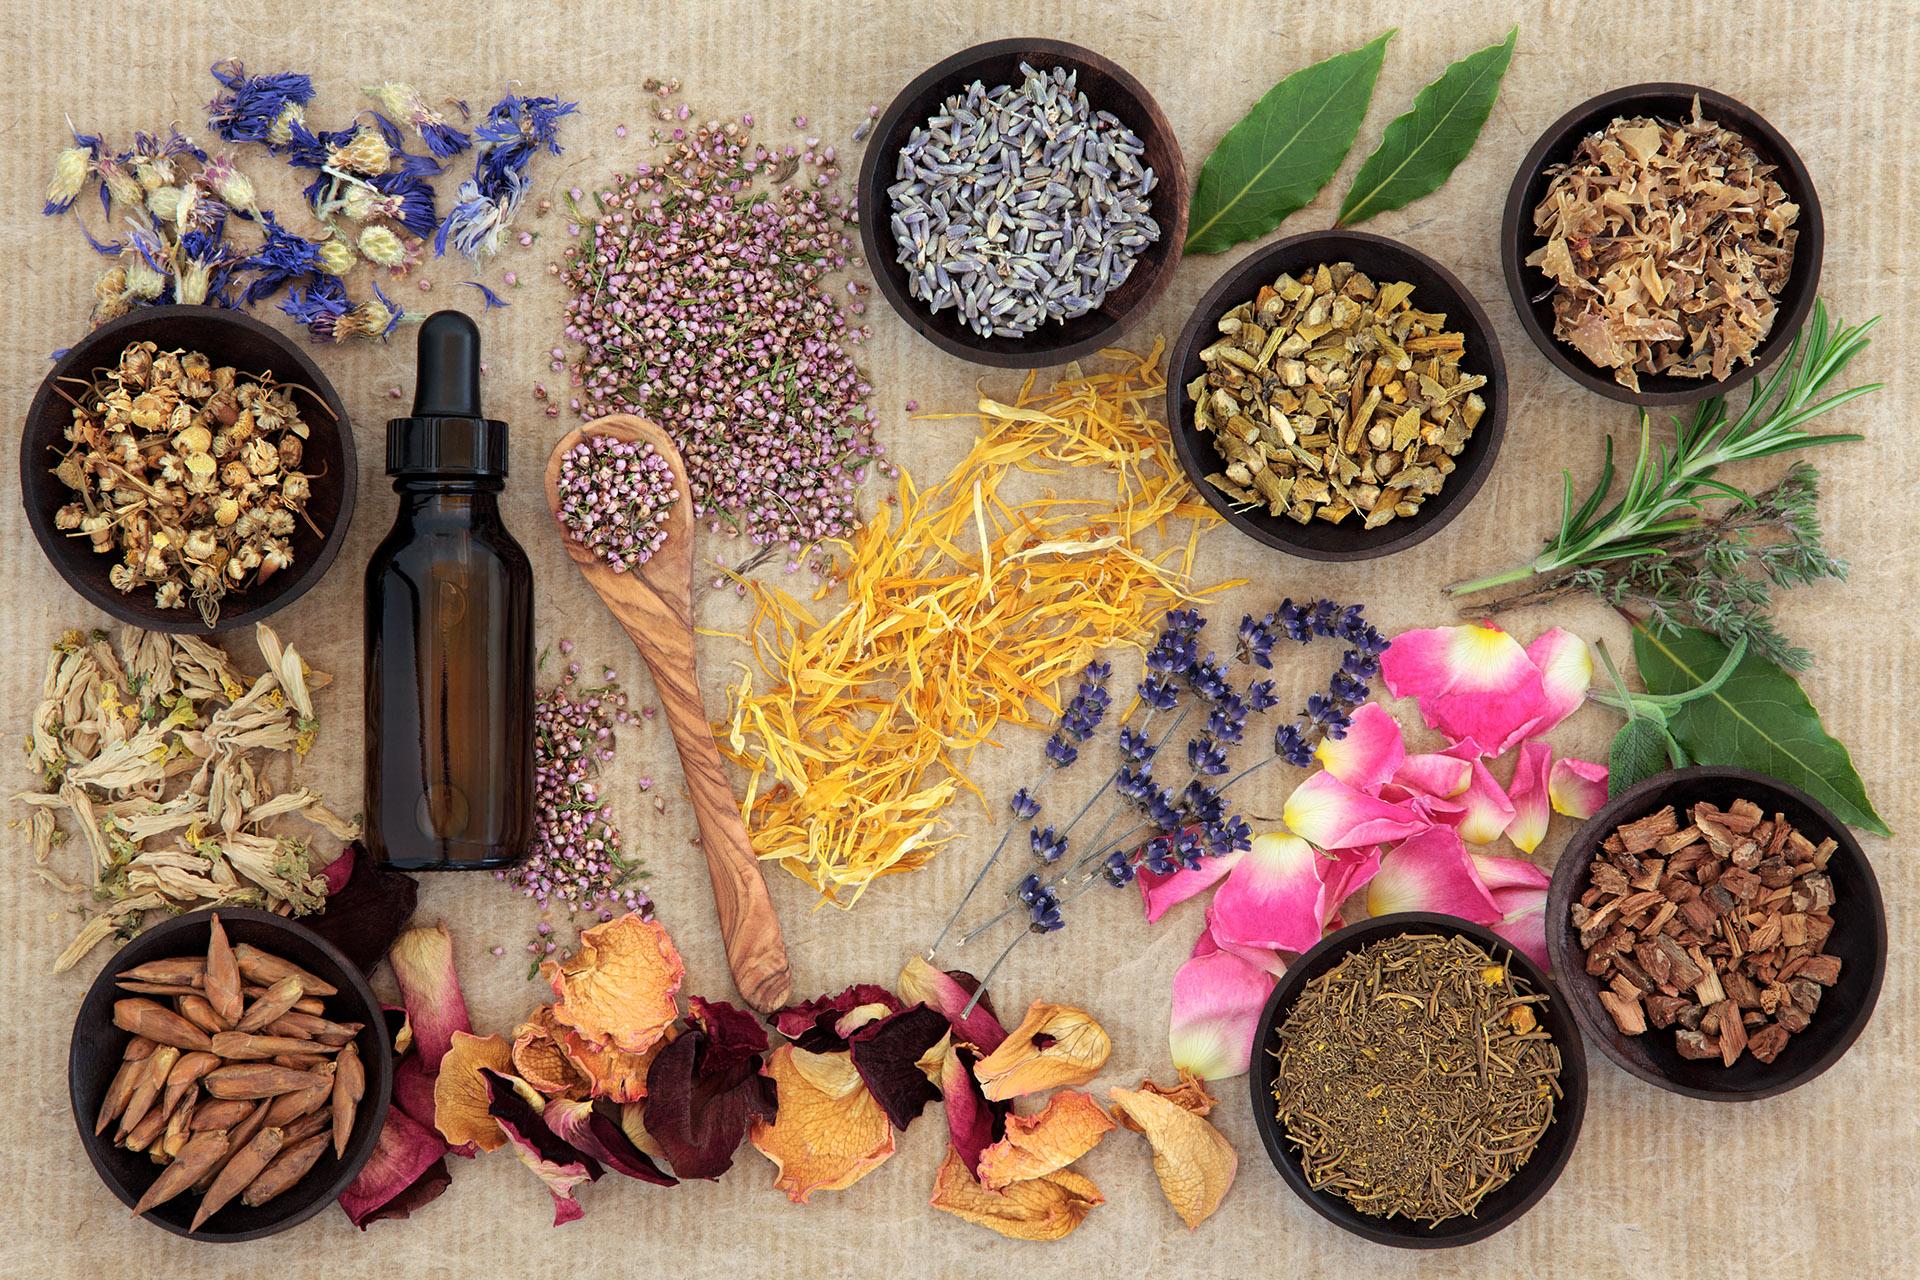 Se pueden usar remedios complementarios como vitaminas o corticoides, flores de bach, acupuntura y todas tipo de prácticas médicas para ayudar al organismo (Getty Images)